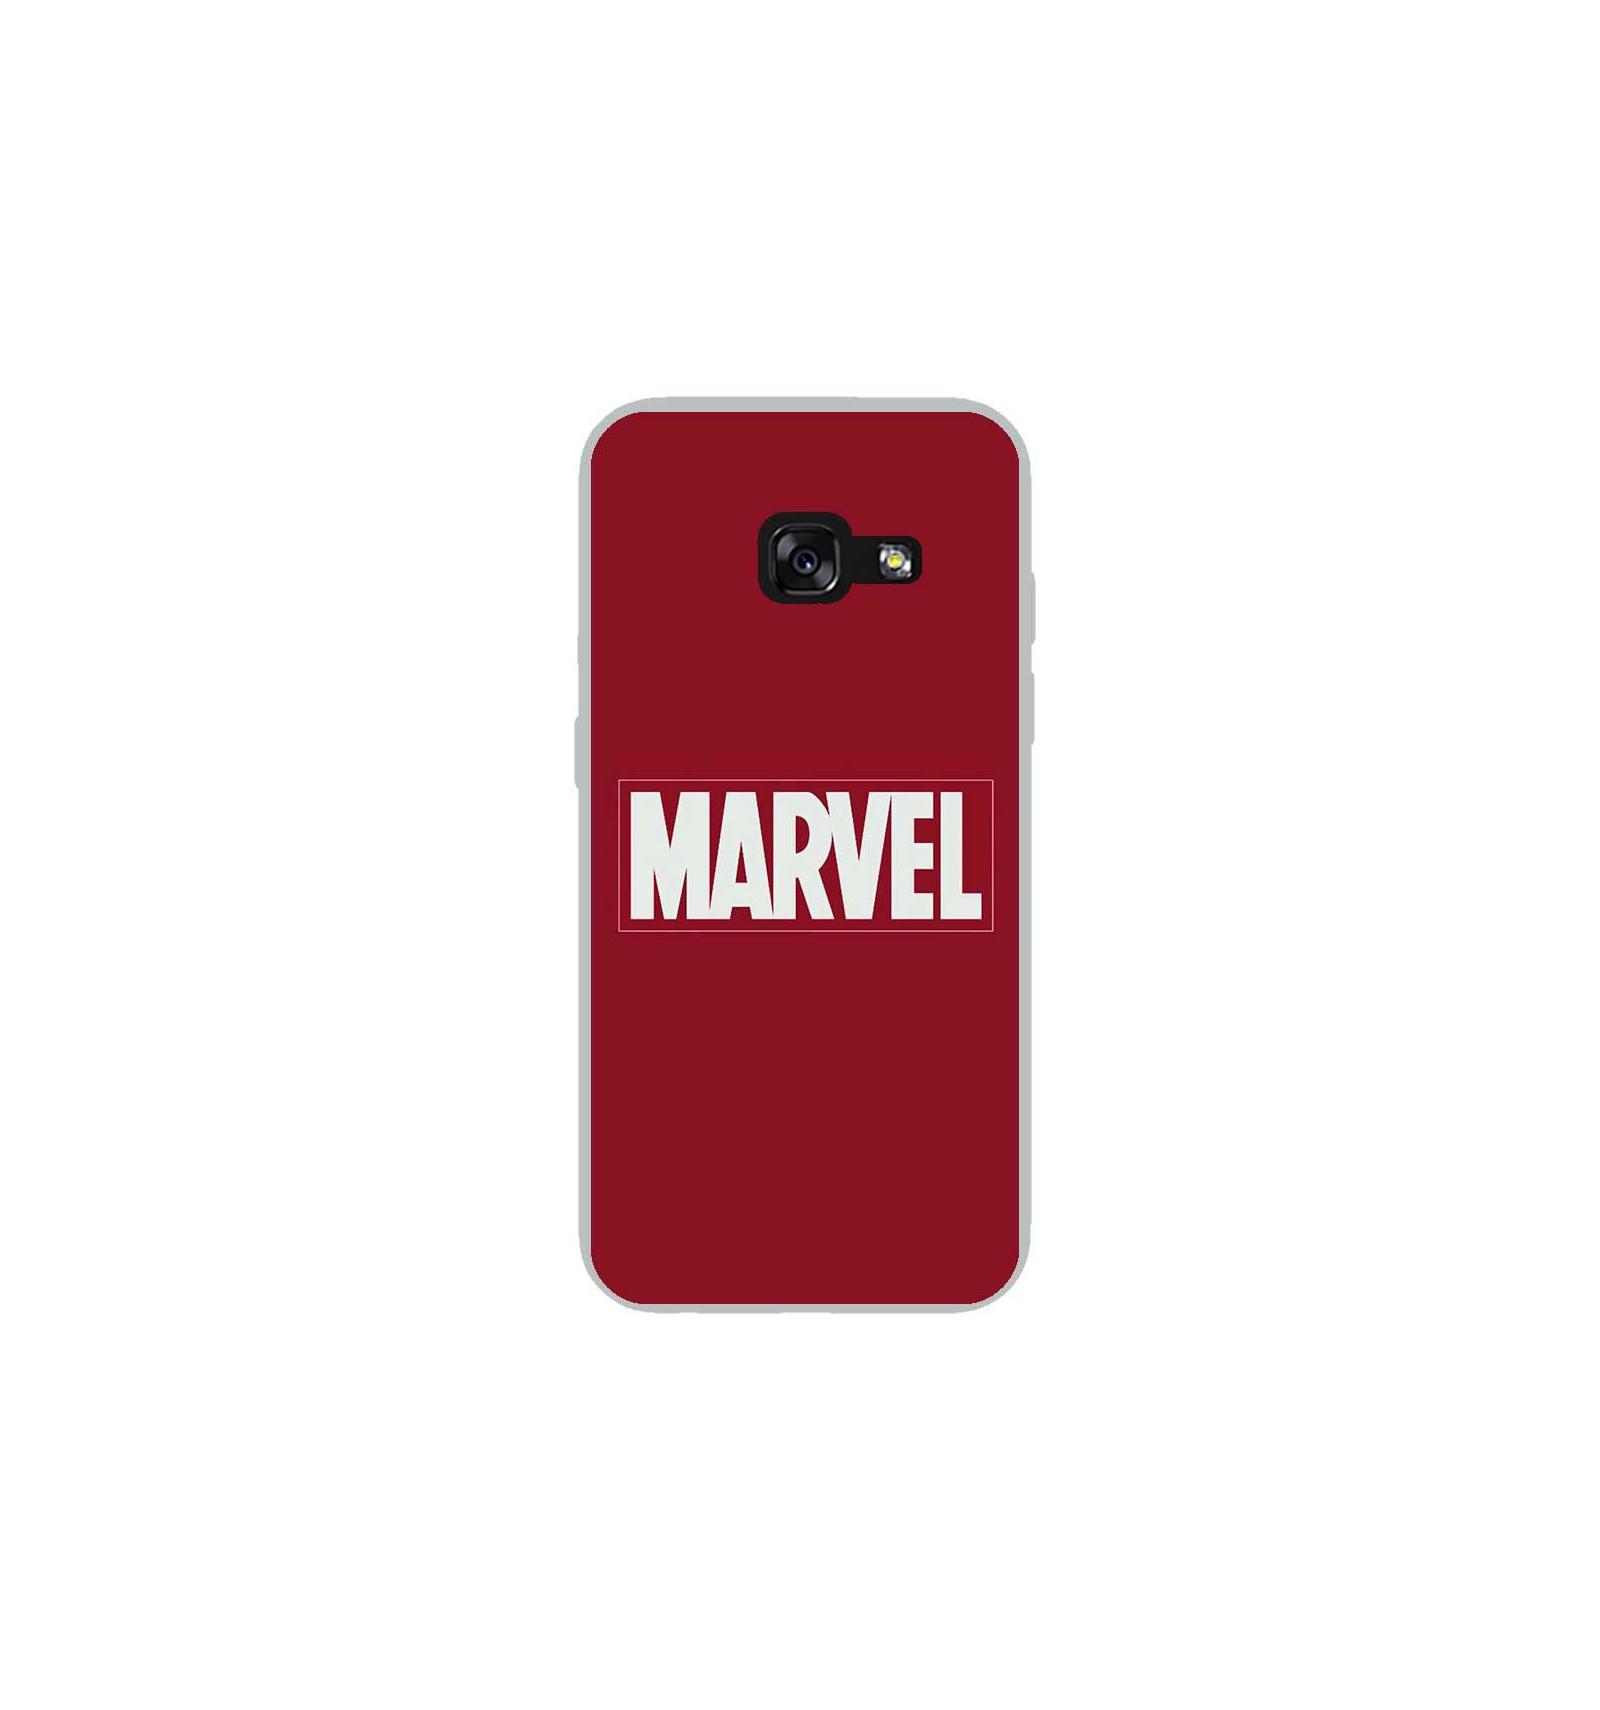 Coque en silicone Samsung Galaxy A3 2017 - Marvel